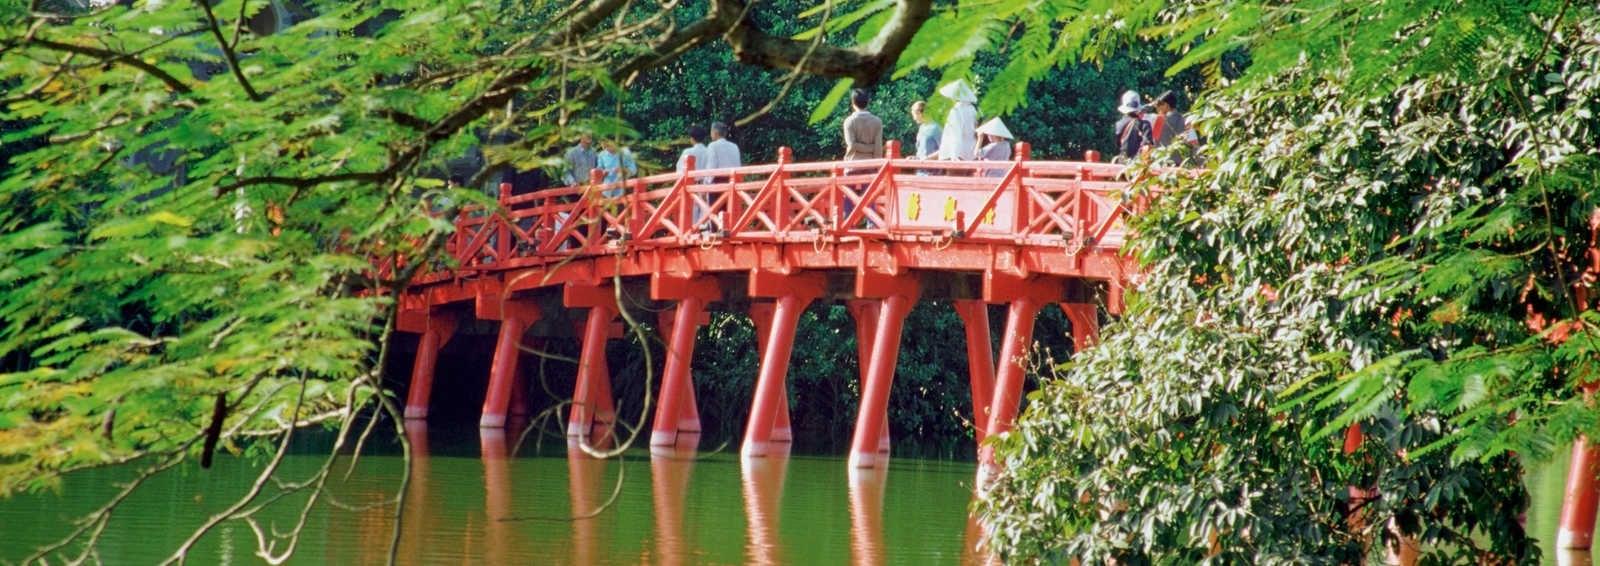 Huc Bridge, Haan Kiem Lake, Hanoi, Vietnam